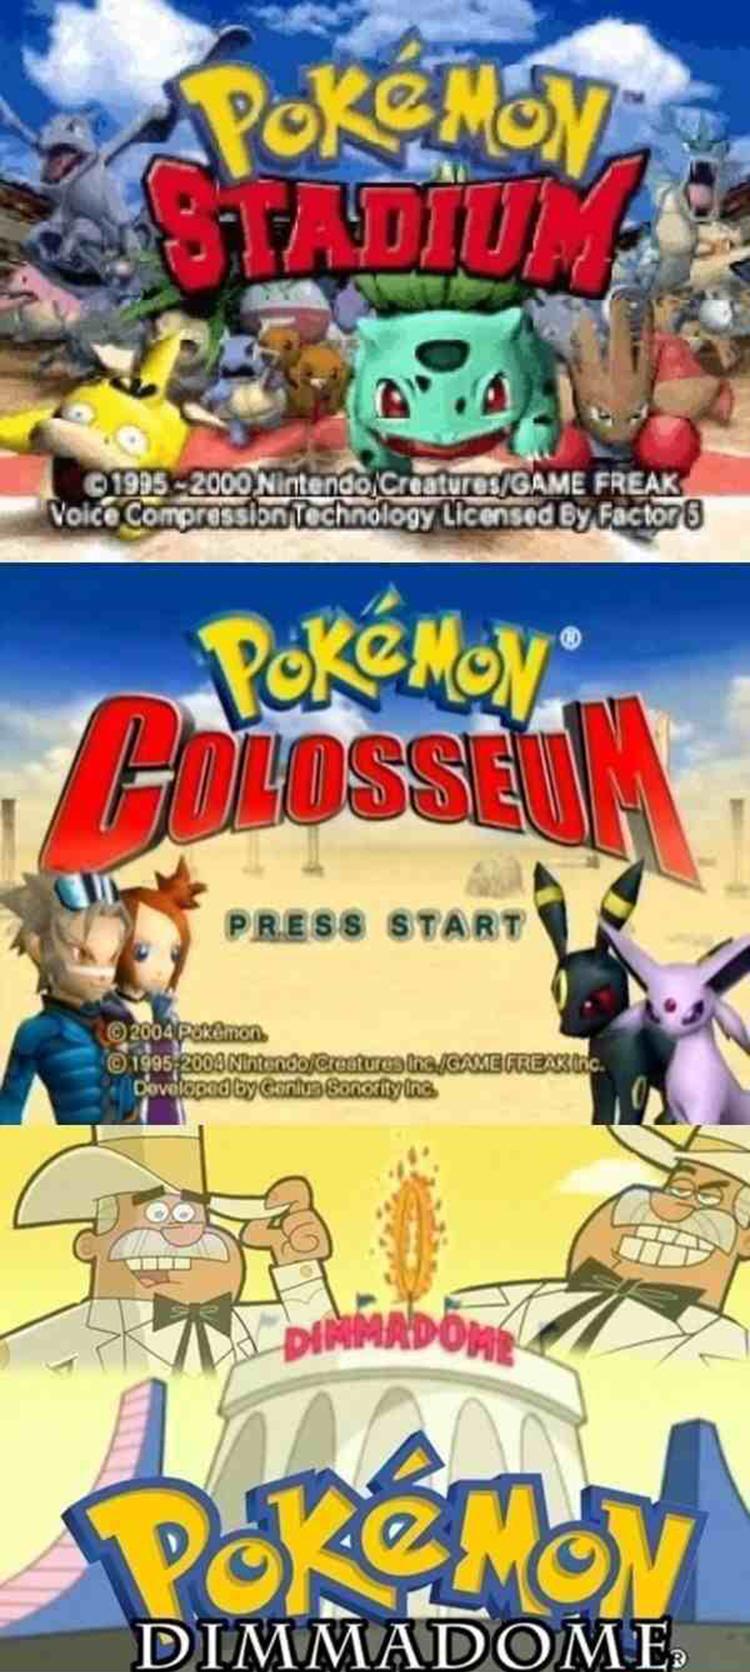 Pokemon Colosseum dimmadome meme